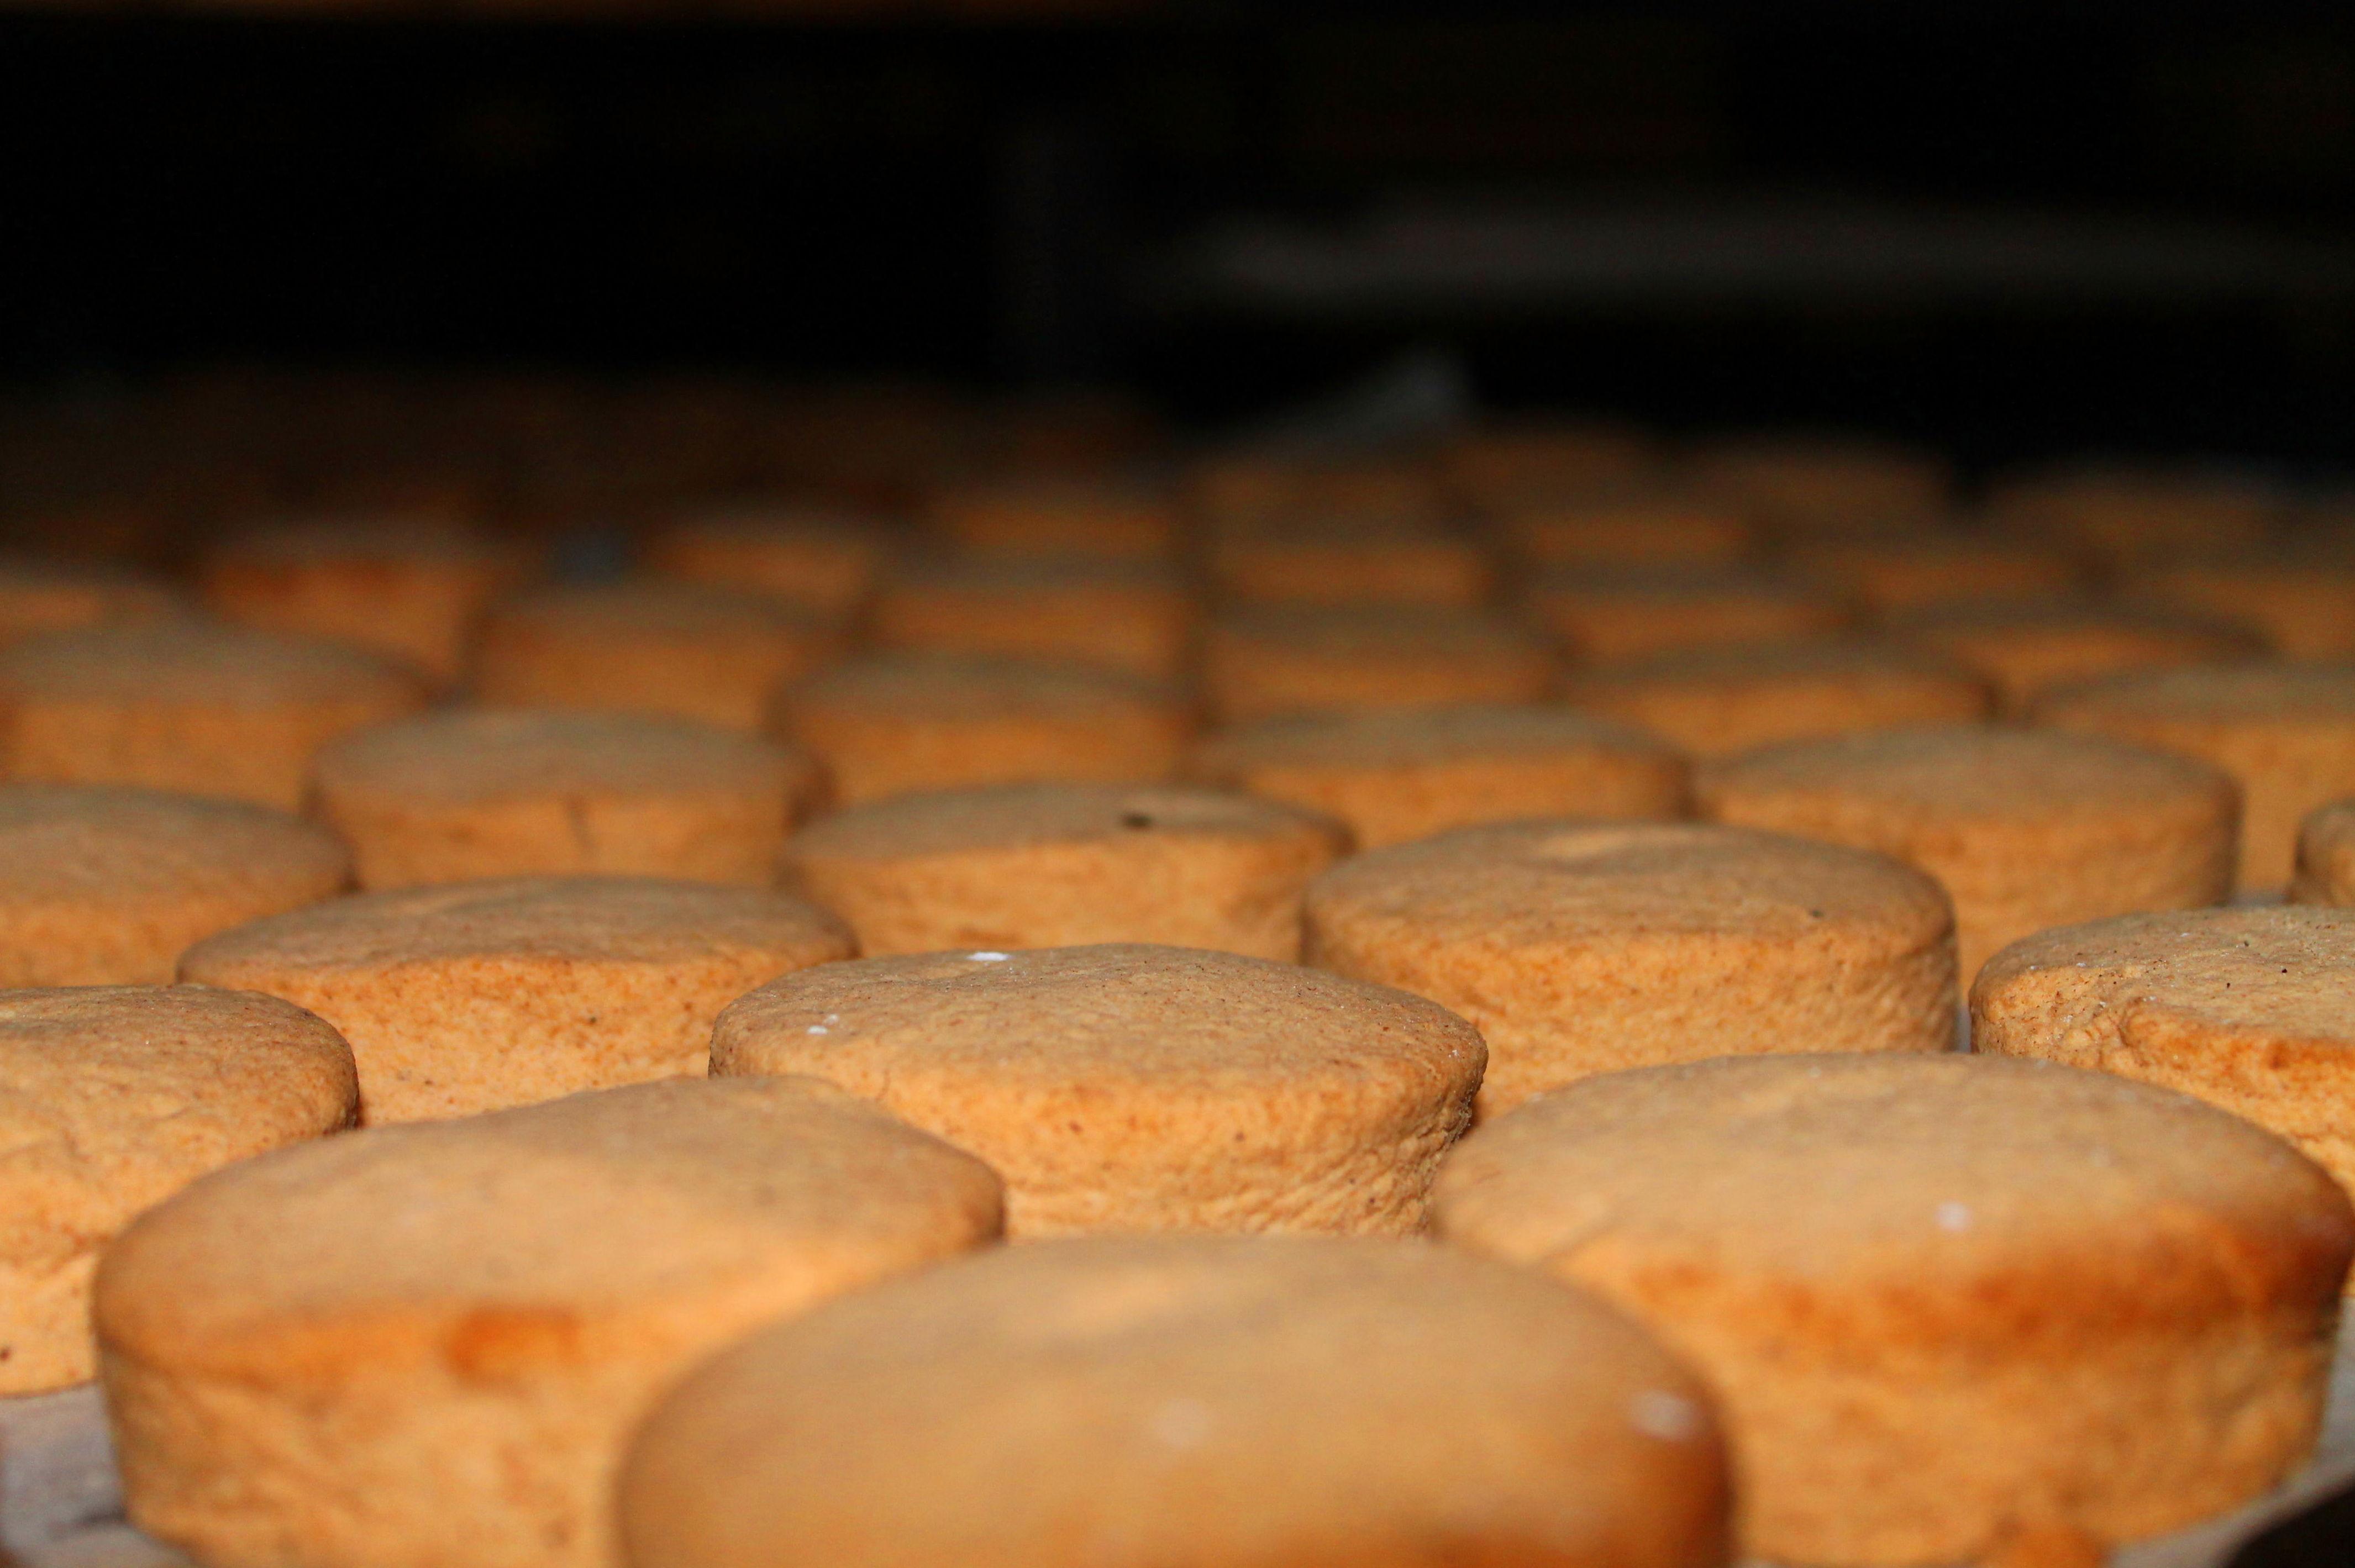 Foto 39 de Obrador artesano con amplia variedad de panes en Jaén | Panaderías y Confiterías Rodríguez